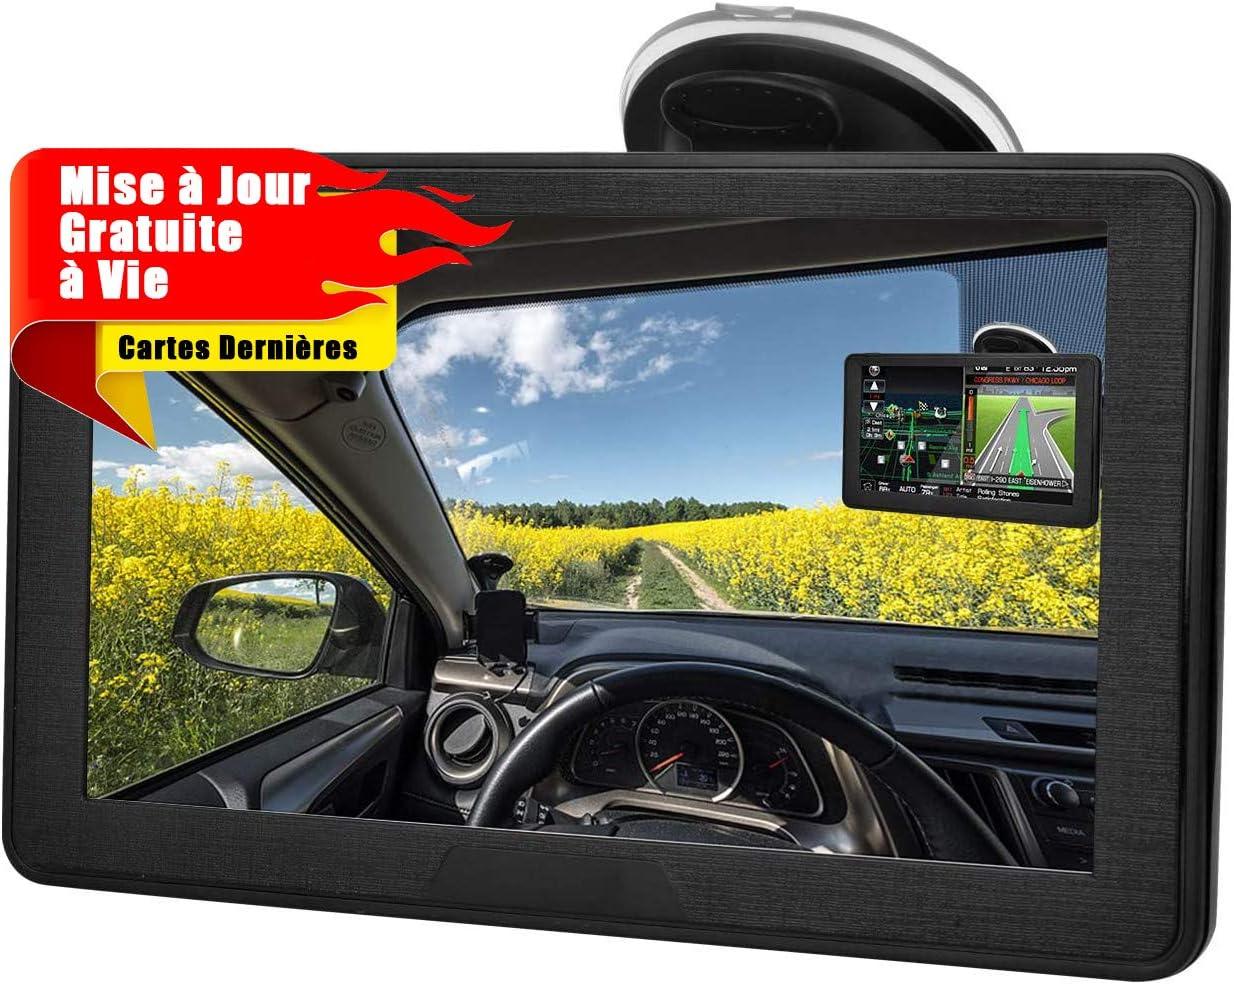 Aonerex 9 GPS Voiture Auto Navigation /Écran Tactile Cartographie Europe 52 Pays Mise /à Jour Gratuite /à Vie Syst/ème en Fran/çais avec Guidage Vocale